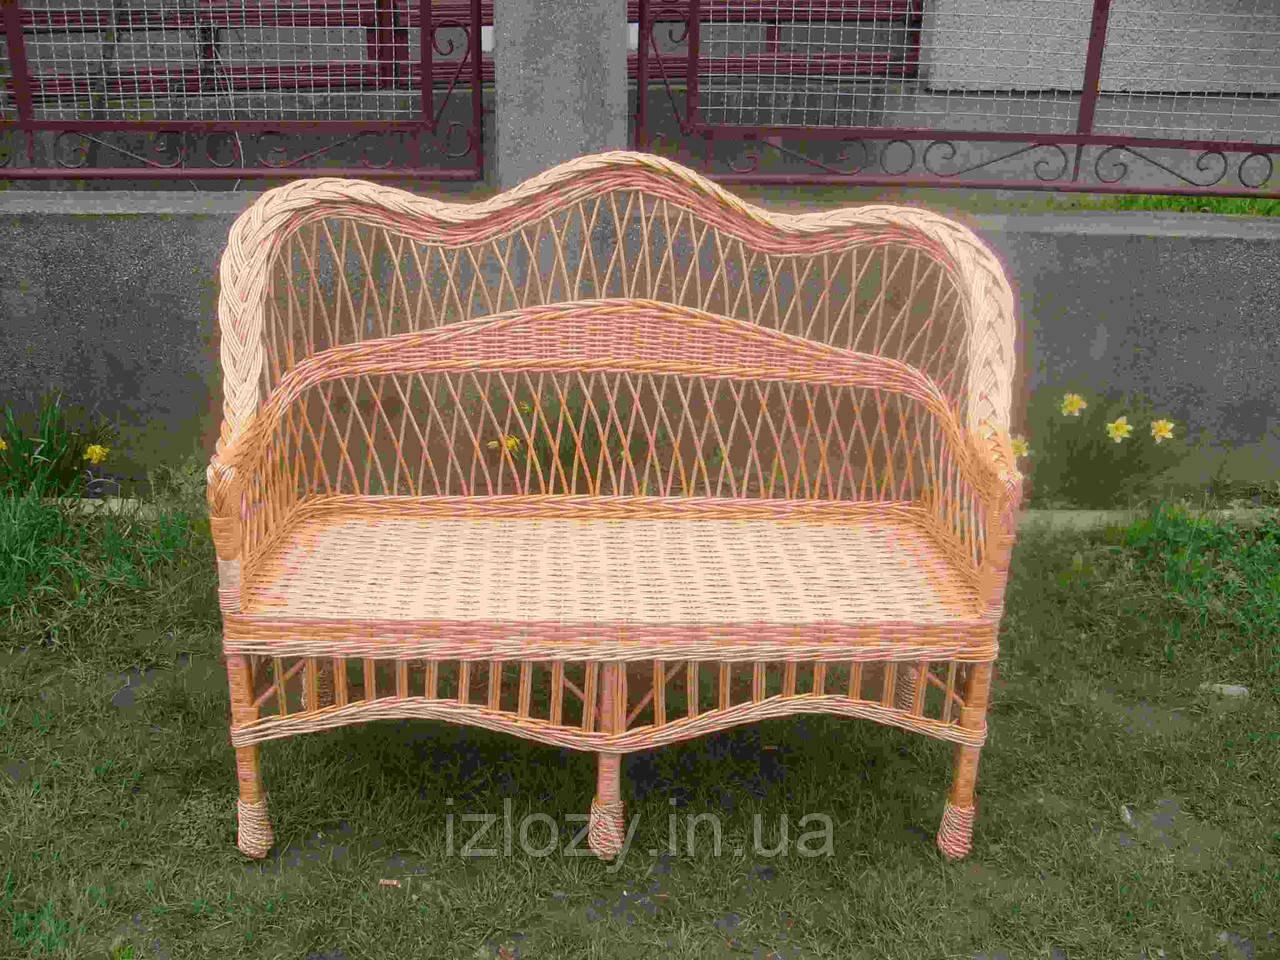 Плетеный диван из лозы с фигурной спинкой